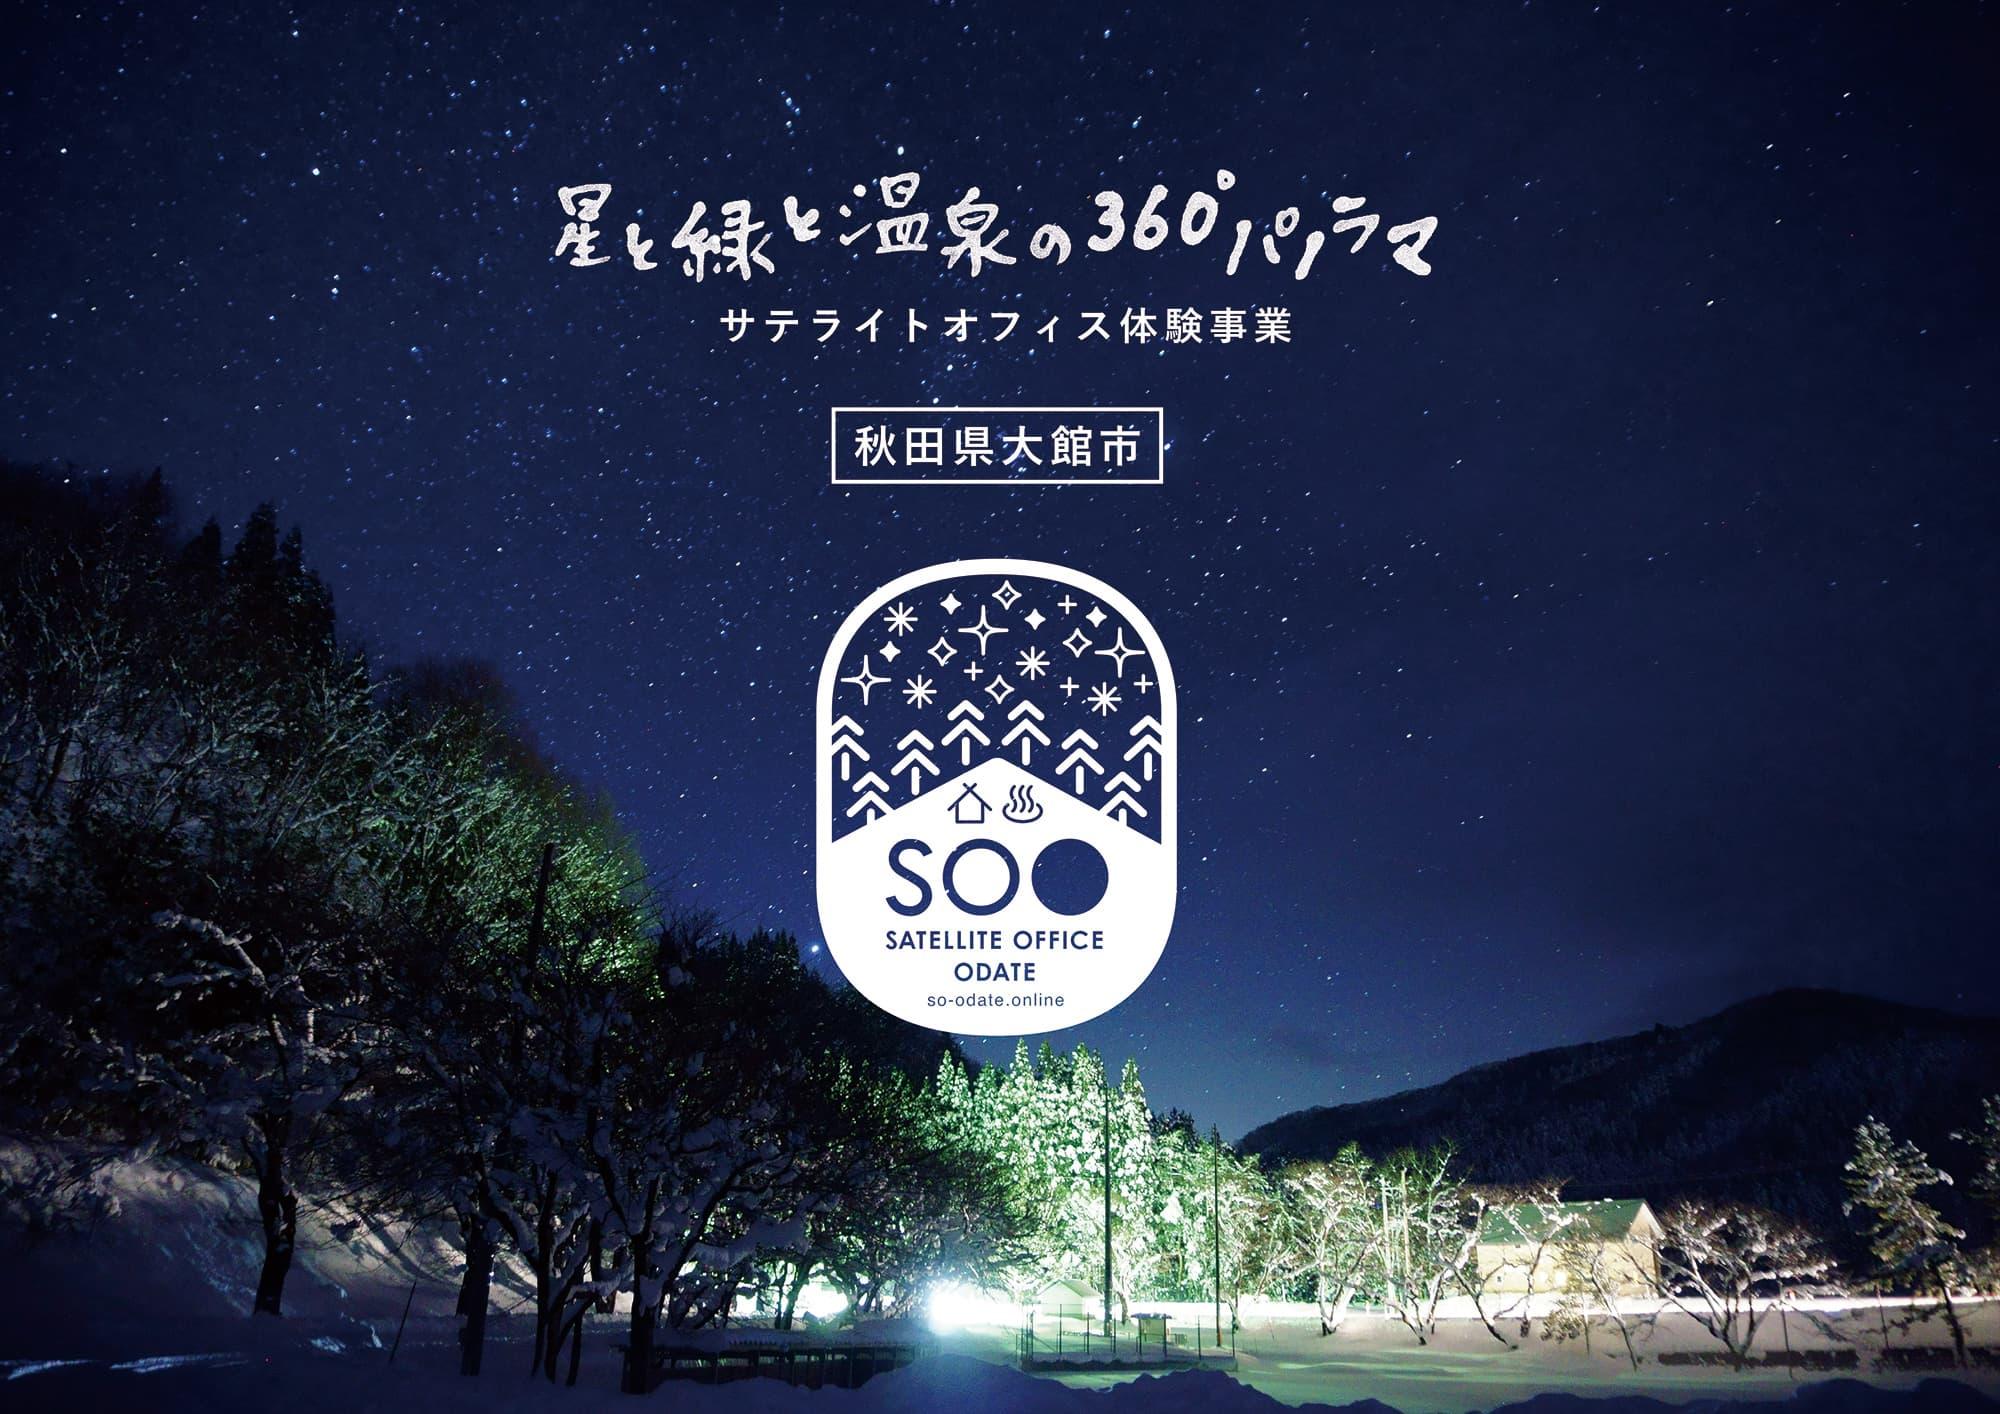 秋田県大館市のサテライトオフィス体験事業のお話を伺ってきました